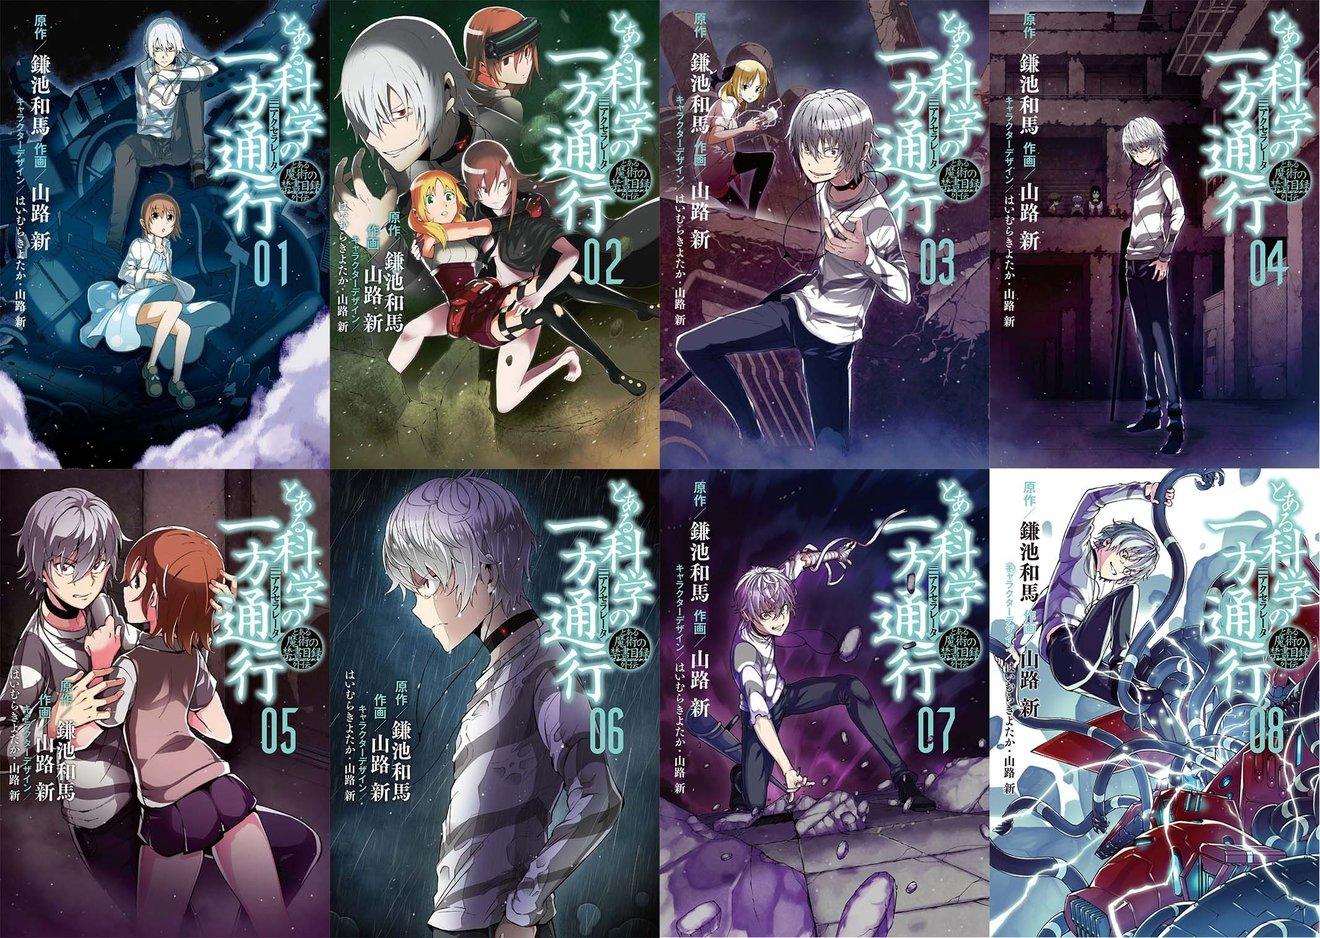 漫画『とある科学の一方通行』9巻まで全巻ネタバレ紹介!アニメ化決定!